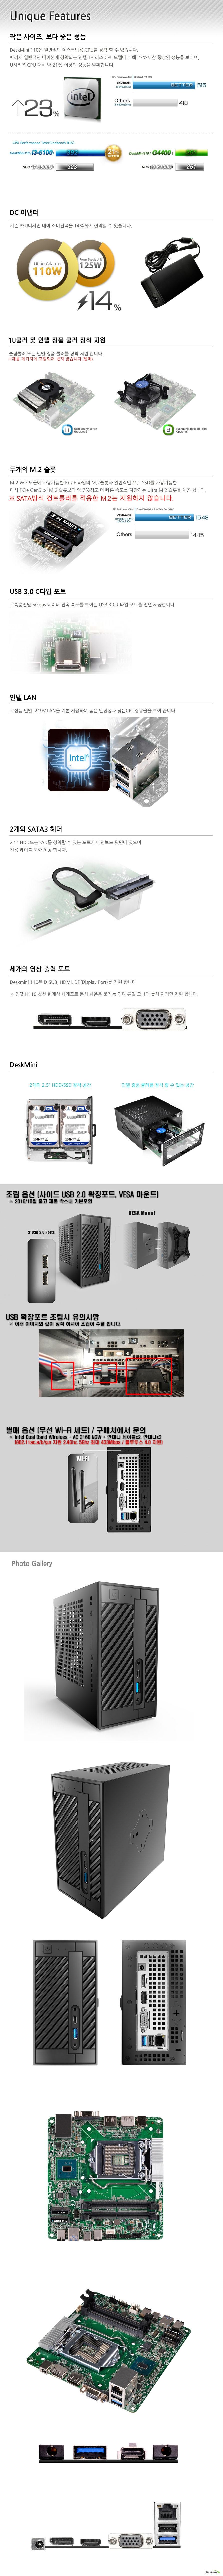 제조사 제공 소개 페이지